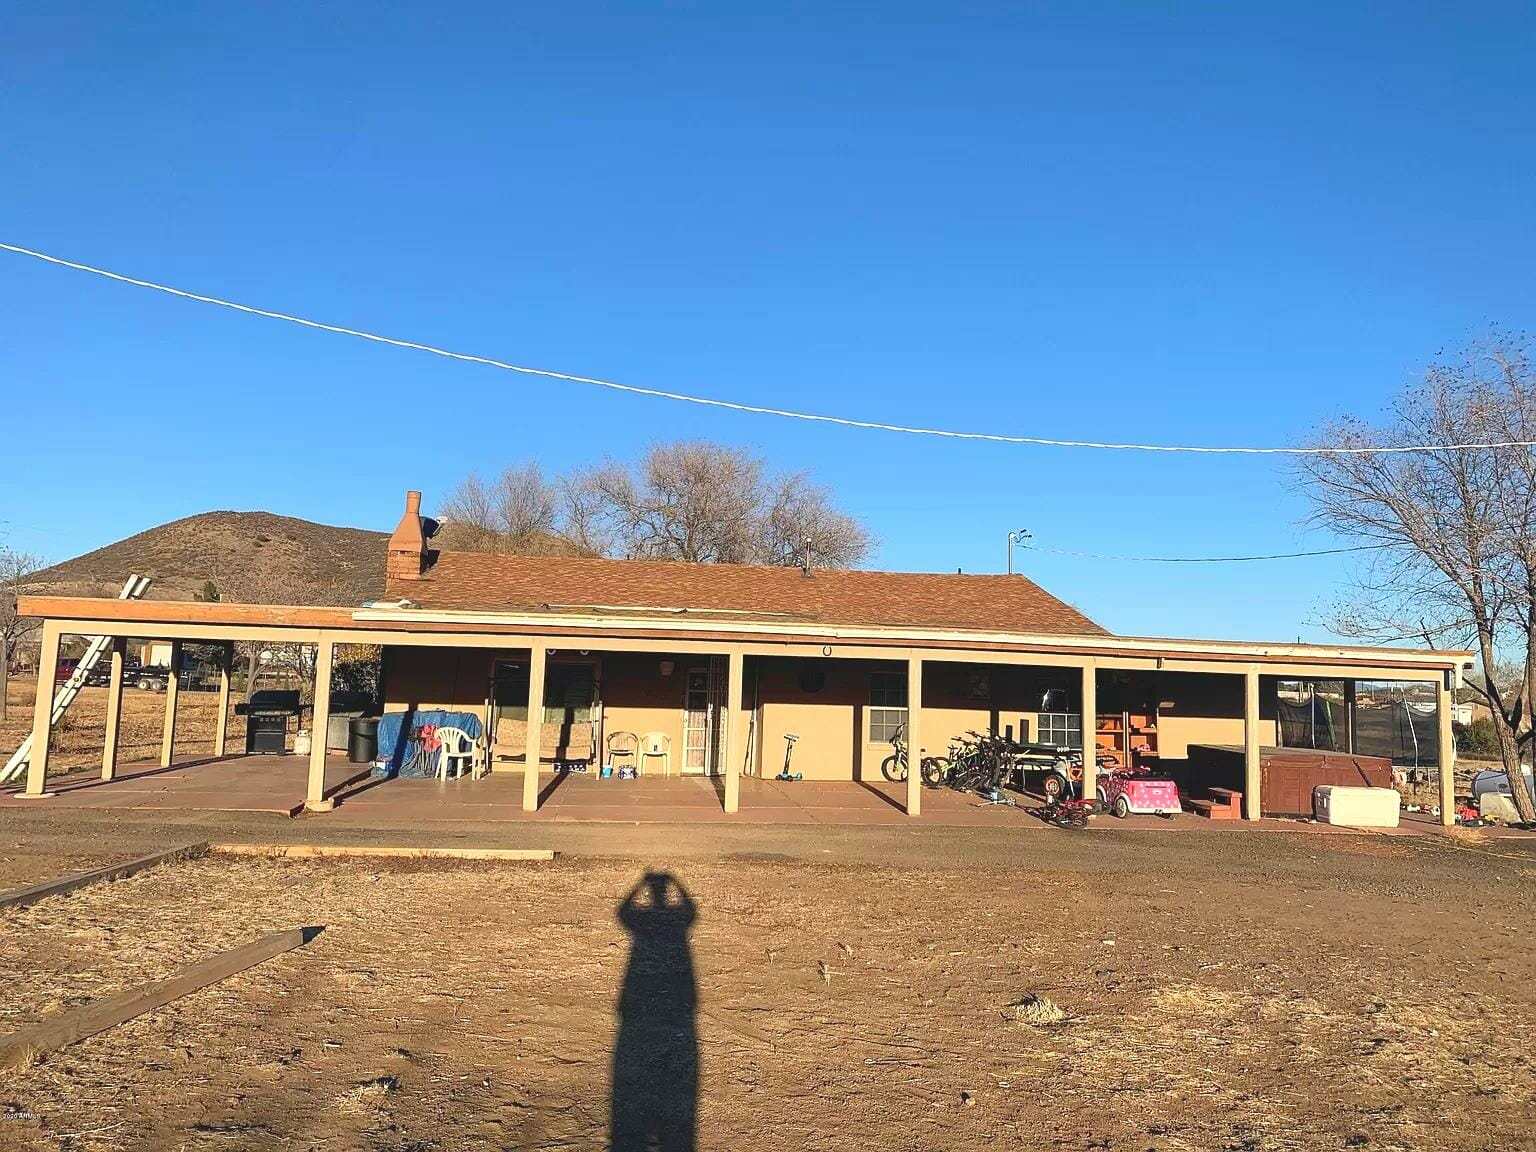 6475 S Marquez St, Mayer, AZ 86333